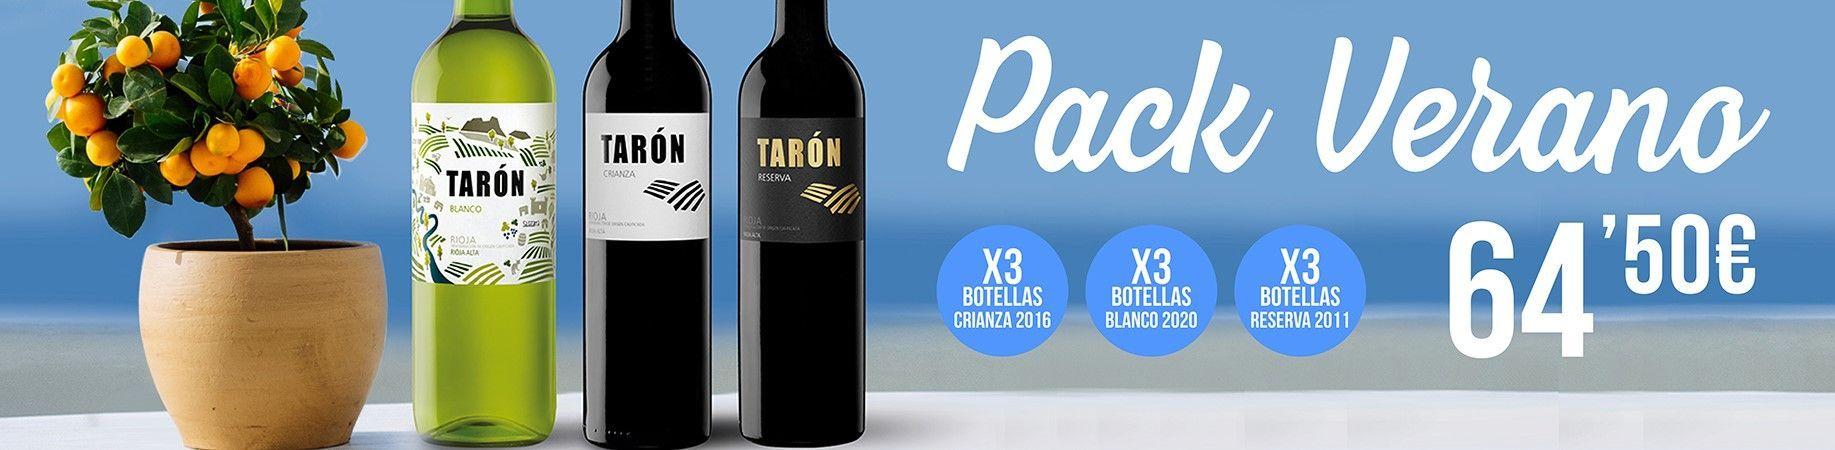 Bodegas Tarón Pack verano banner